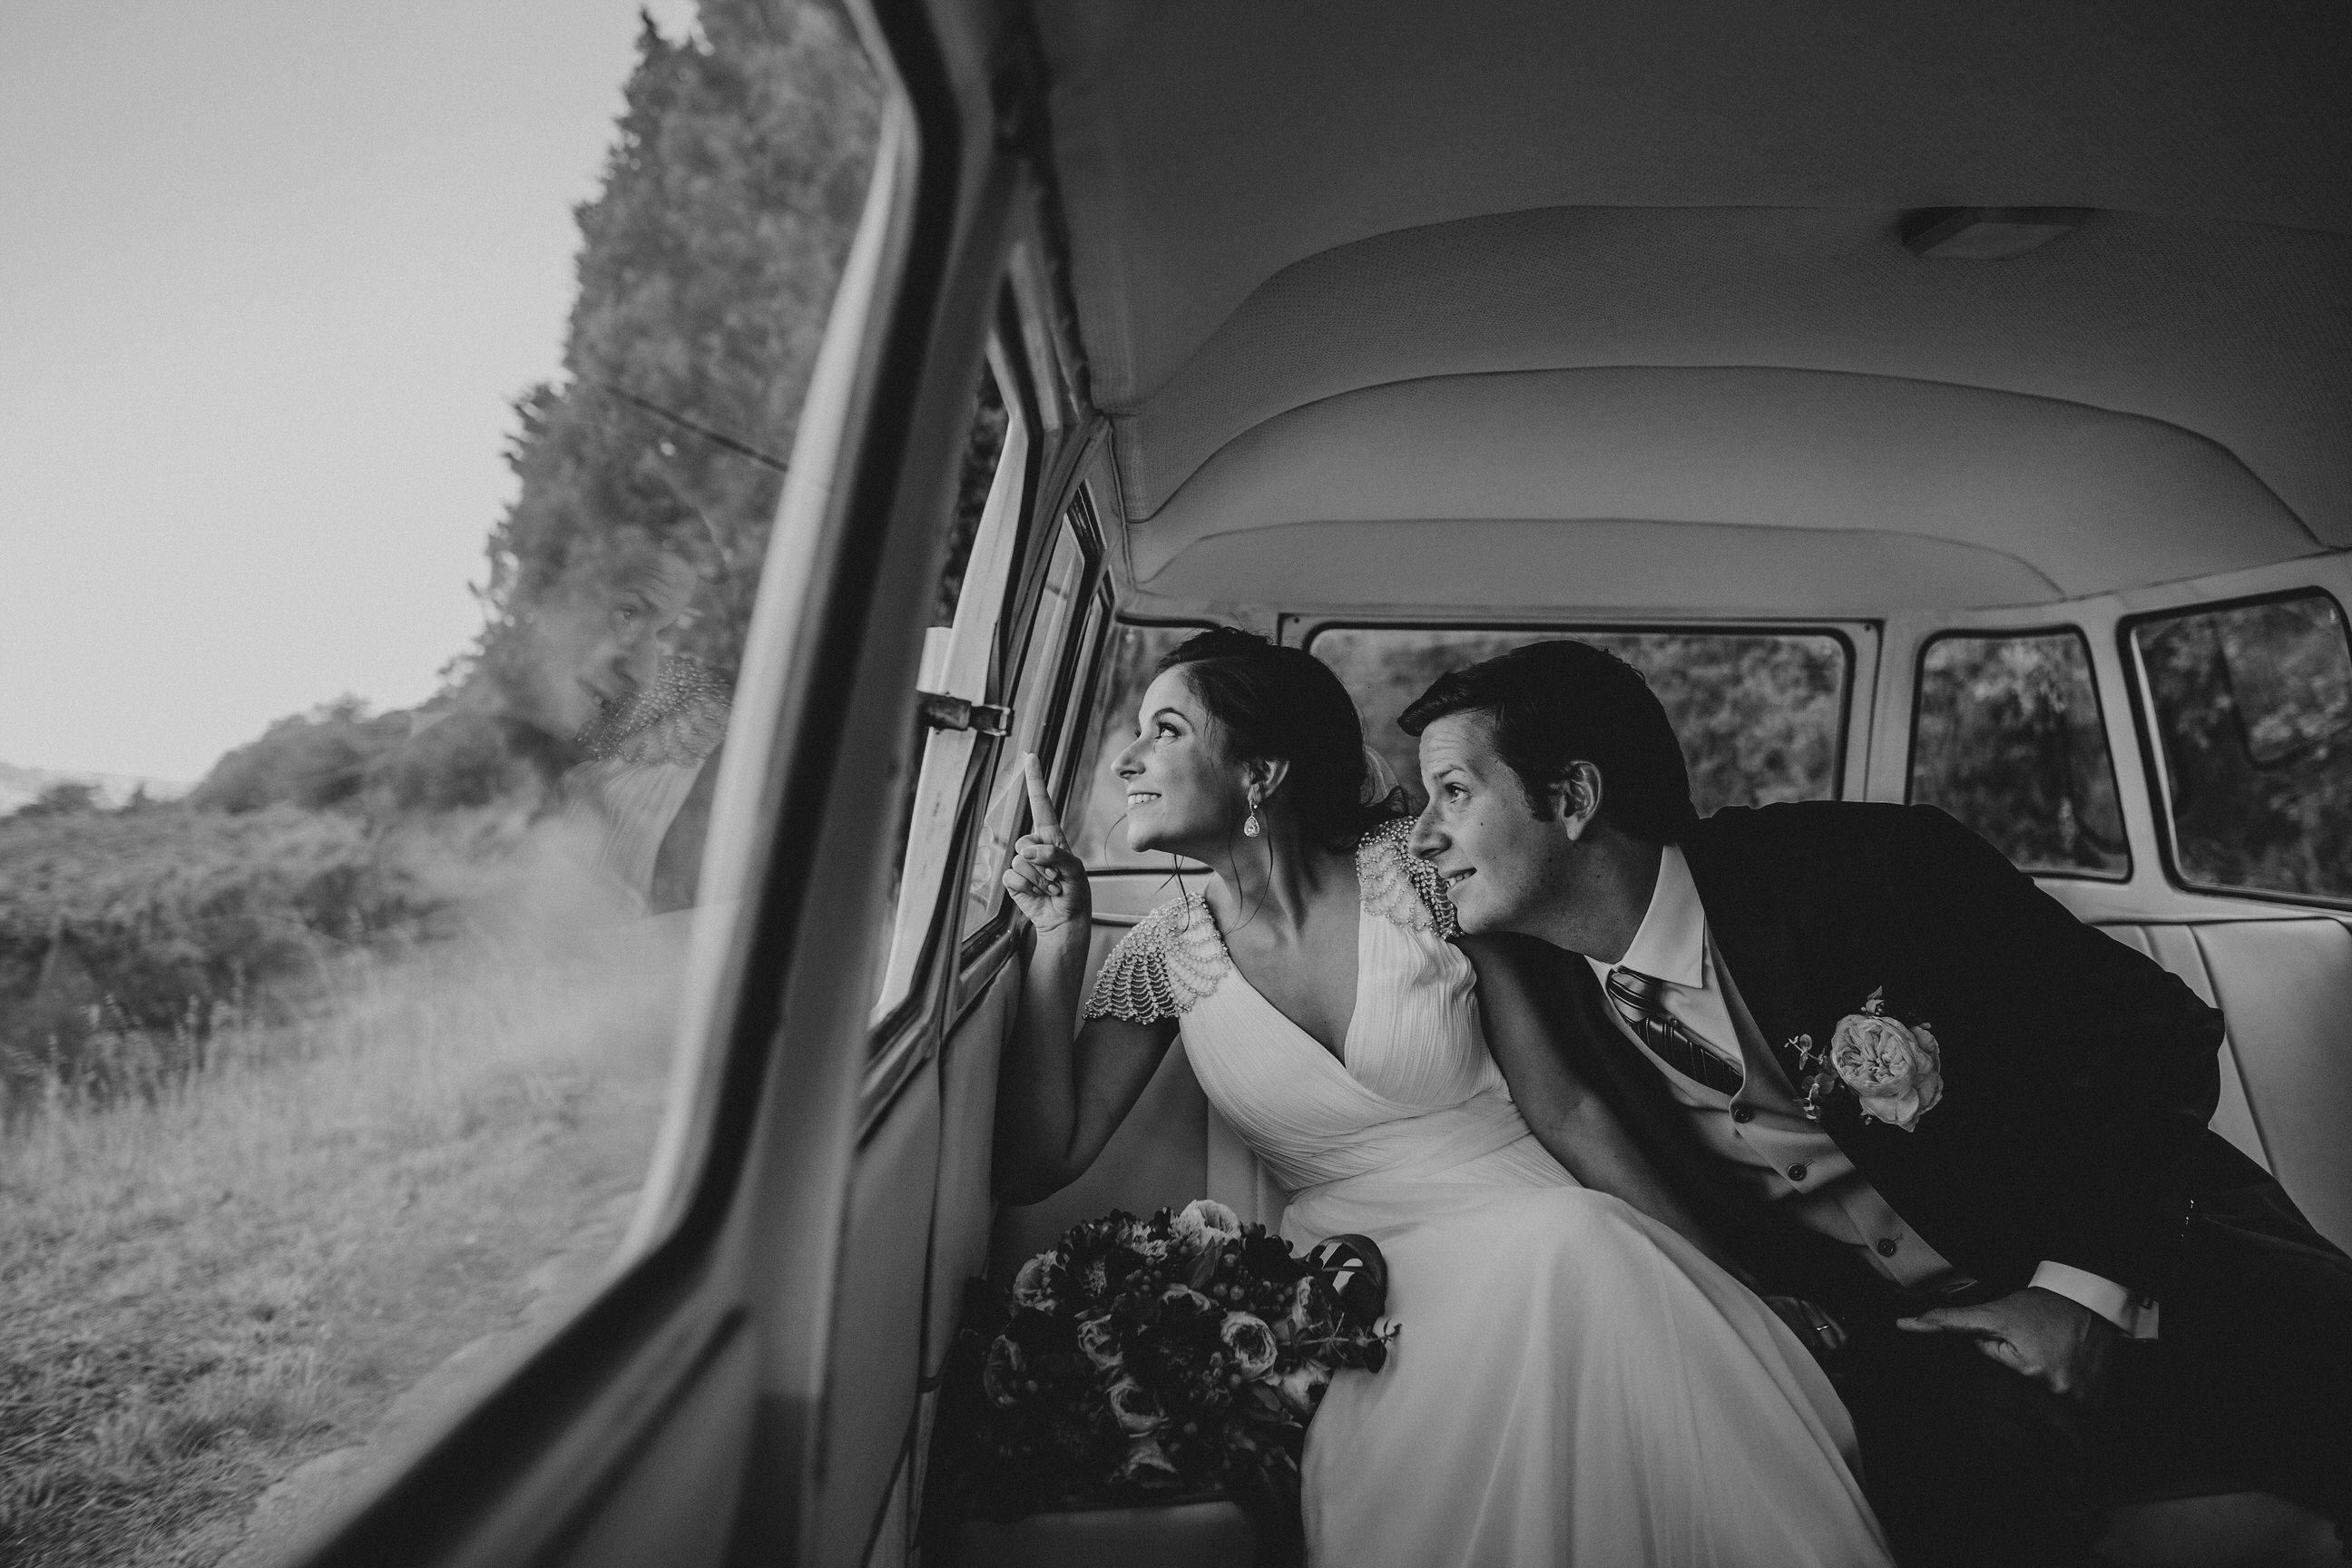 Casamento-Rustico-Bucelas-santo-antao-do-tojal-boho-chic-vestidos-dress-venue-Portugal-wedding-saida-church-cerimonia-quintas-perto-de-lisboa-transporte-carro-pao-de-forma-original-vintage